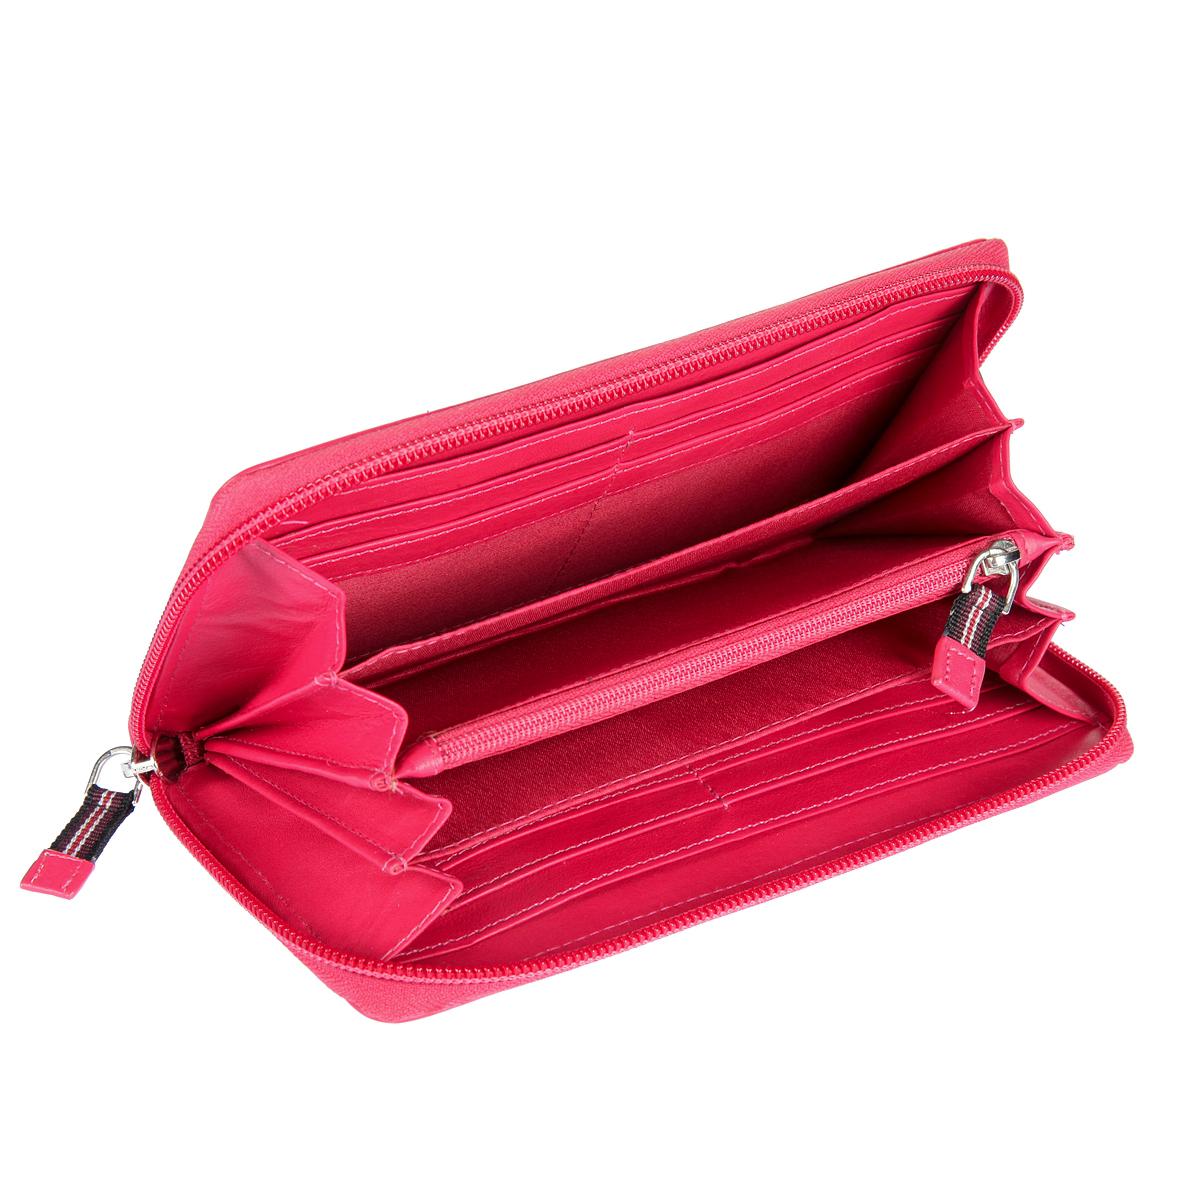 Кошелек женский Mano, цвет: розовый. 20102 Setru20102 SETRU pink-ceriseКошелек женский Mano выполнен из натуральной кожи. Модель закрывается по периметру на молнию, внутри четыре отдела для купюр, карман для мелочи на молнии, два кармана для документов, восемь кармашков для пластиковых карт.